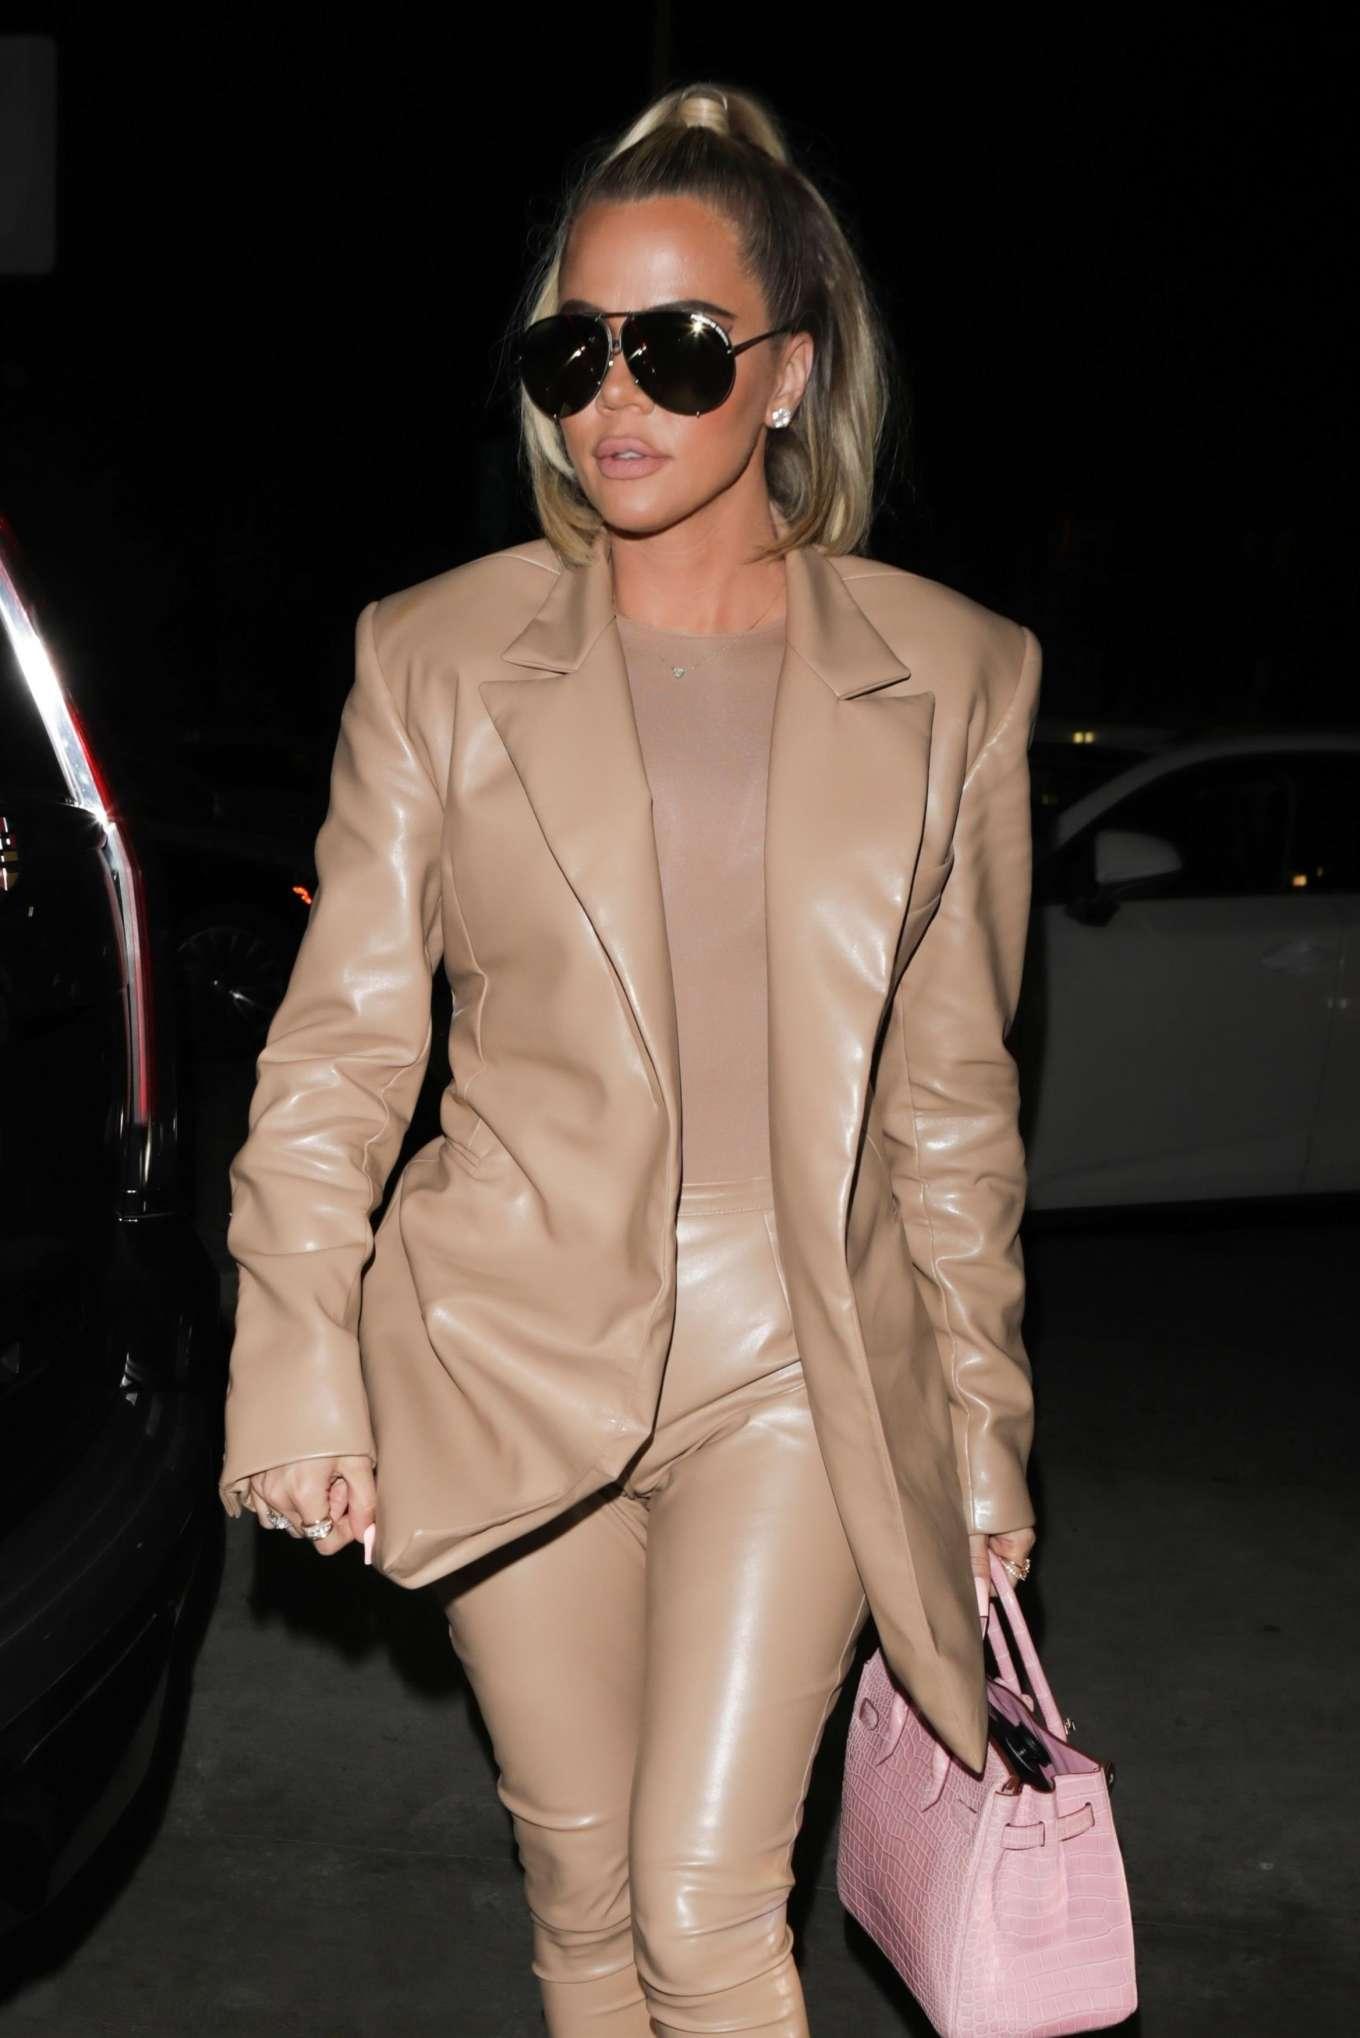 Khloe Kardashian all in leather arrives at Carousel restaurant in Glendale